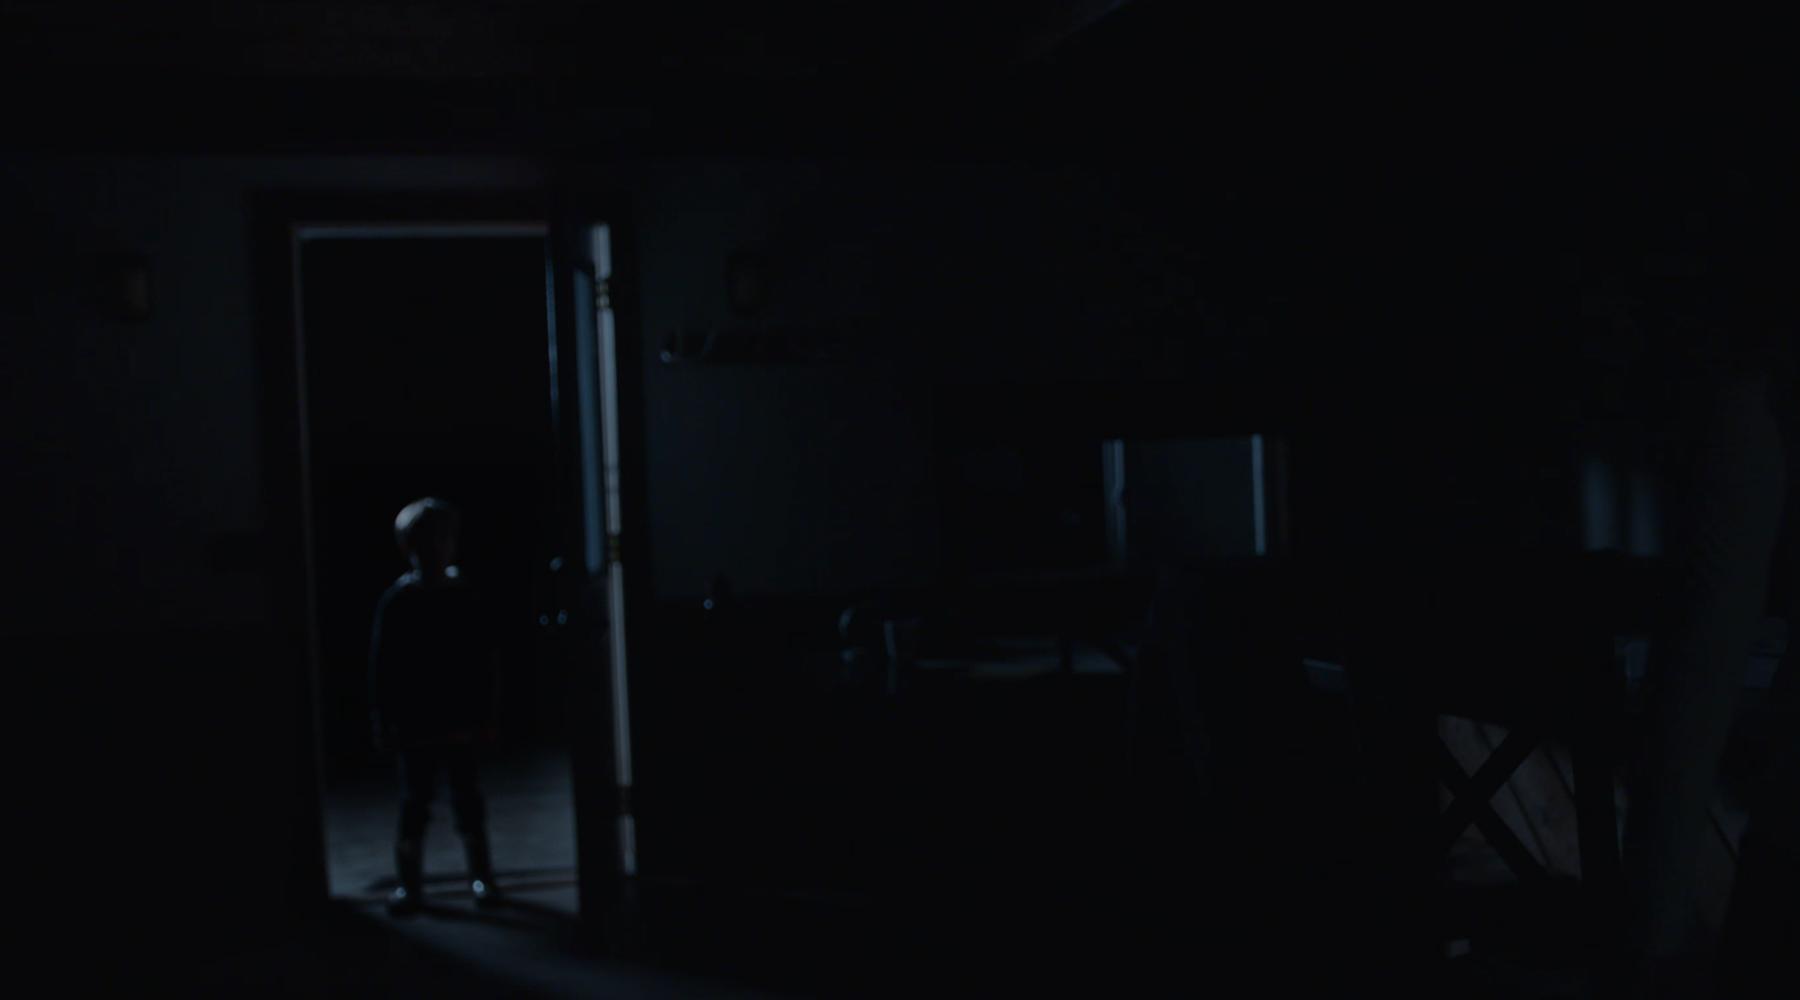 Interior Lighting for Horror Film - Moonlight